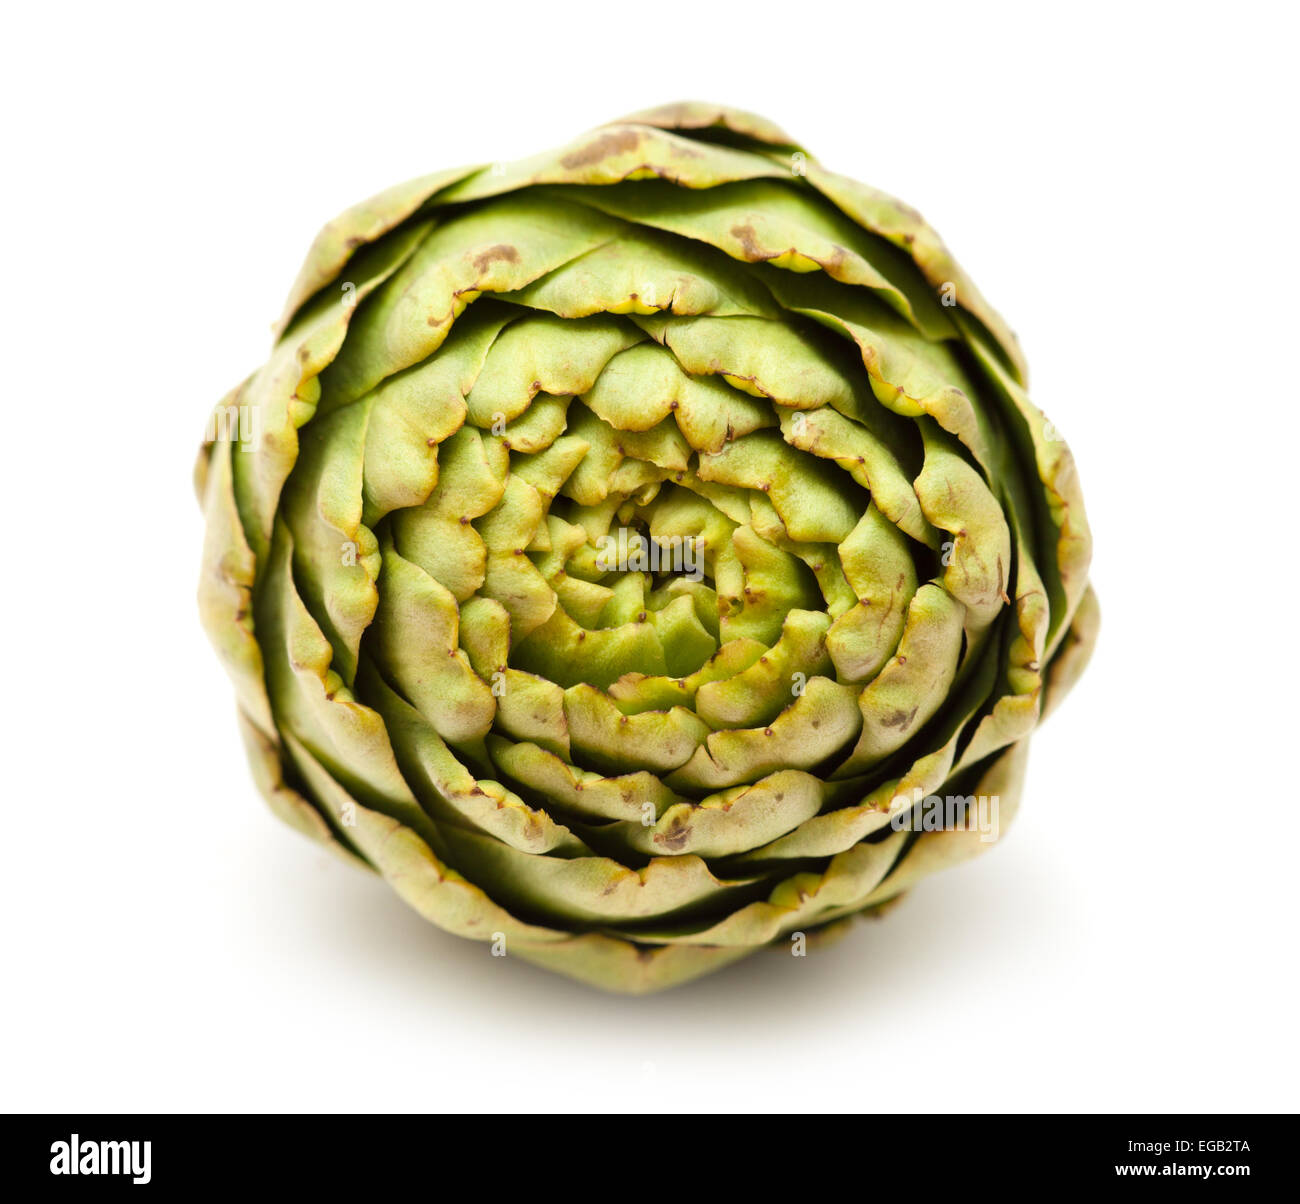 globe artichoke isolated on white background - Stock Image